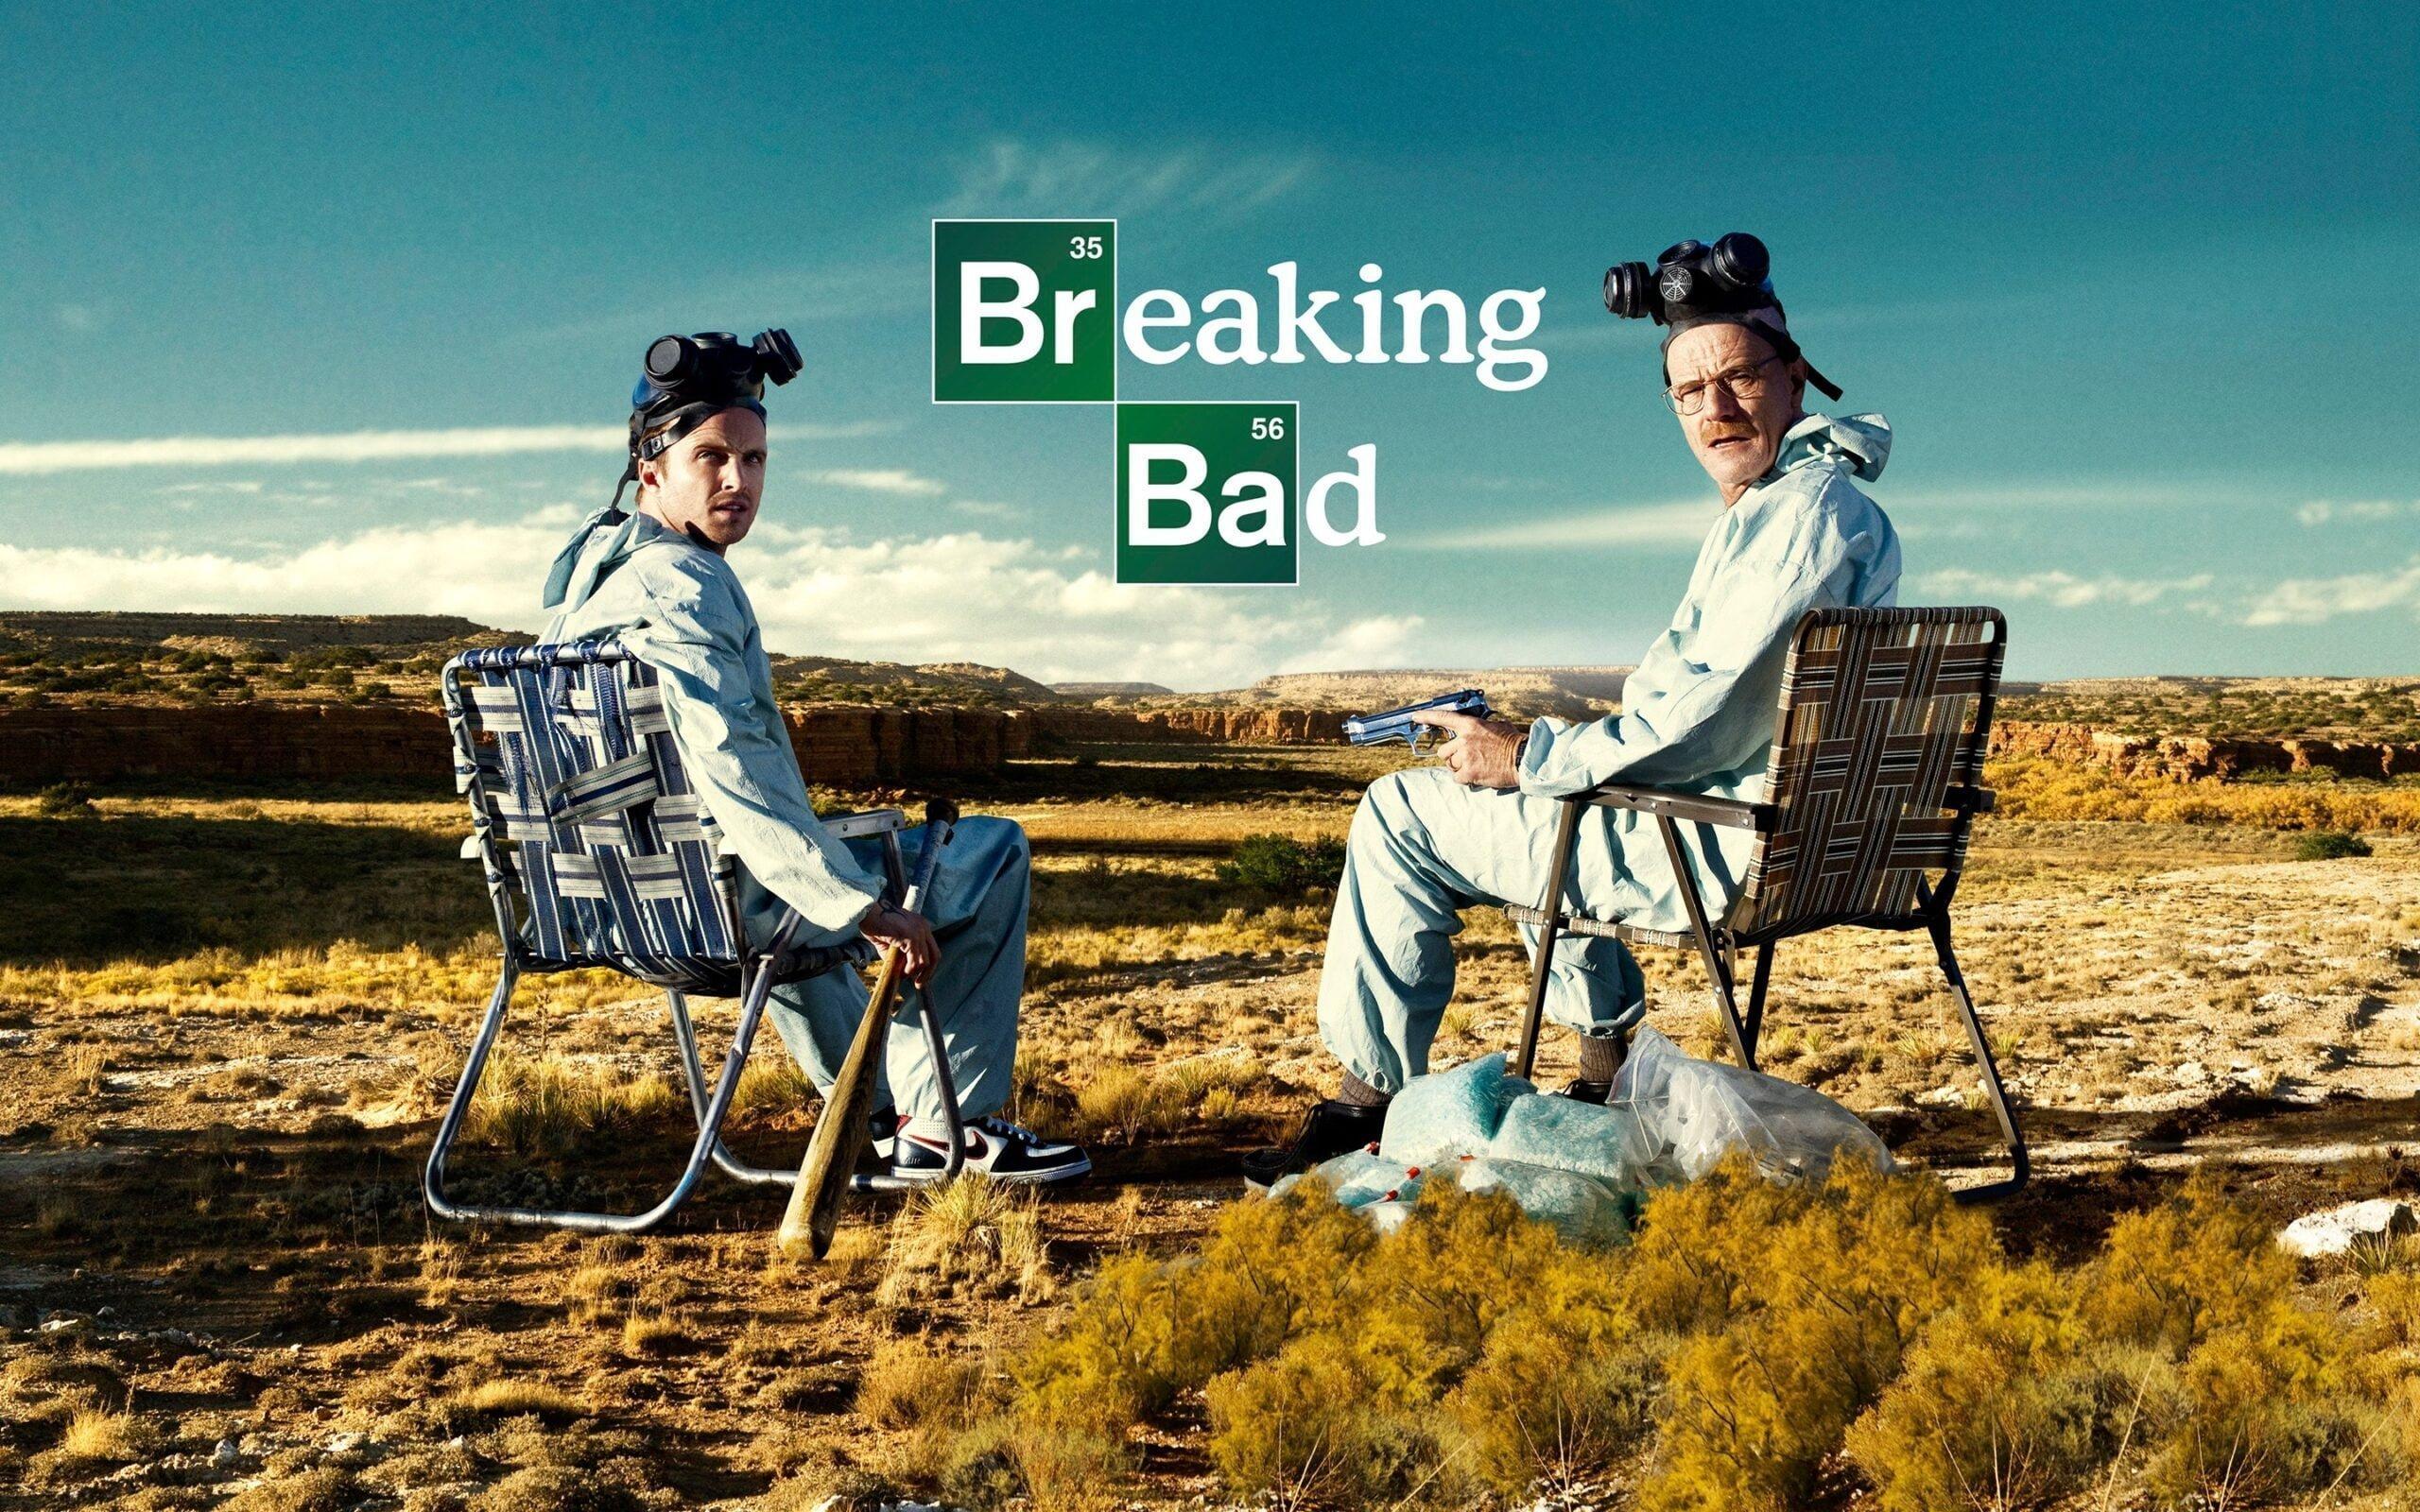 Breaking bad dizisinden Walter White ve Jesse Pinkman